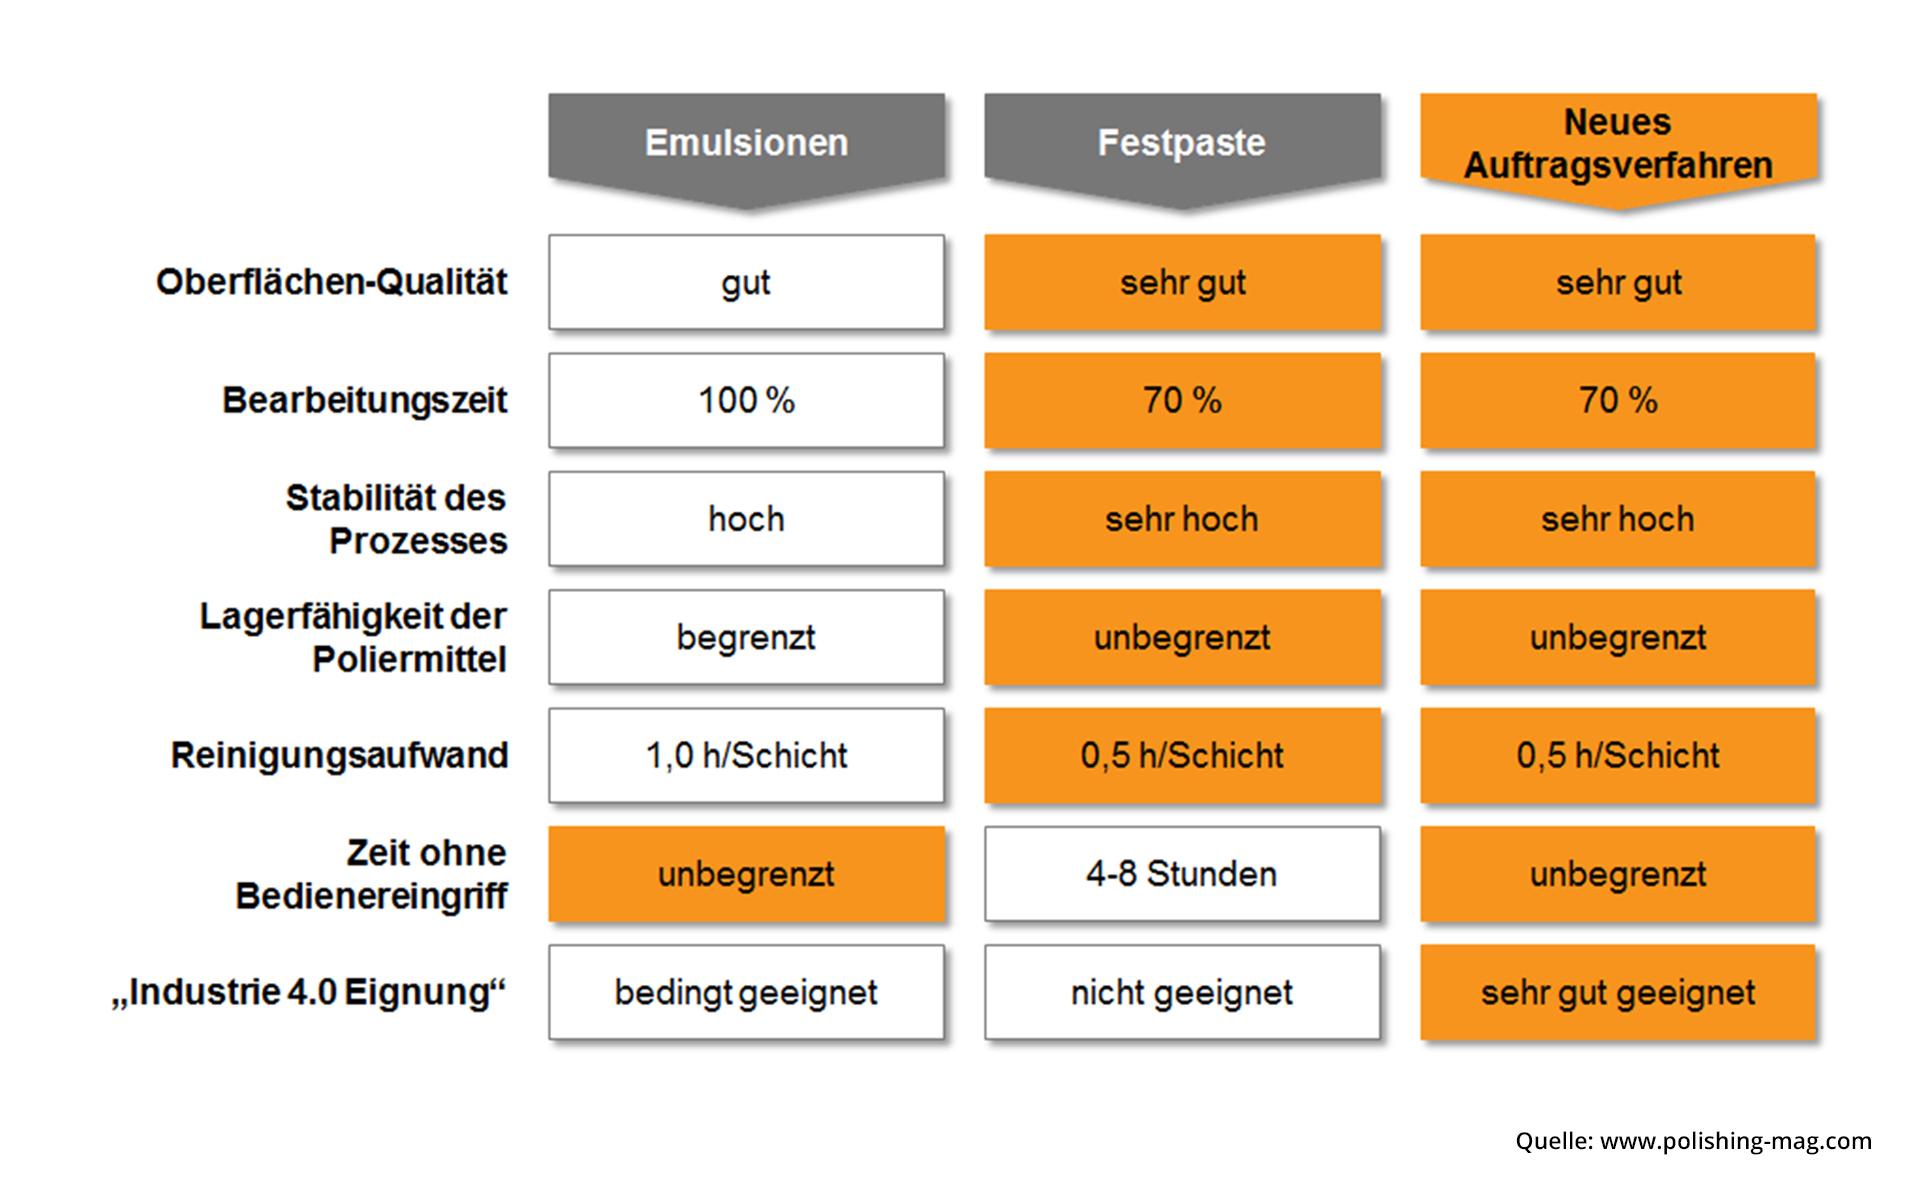 Übersicht von Parametern, die die Leistungsfähigkeit des neuen Auftragsverfahrens gegenüber herkömmlichen Verfahren verdeutlichen